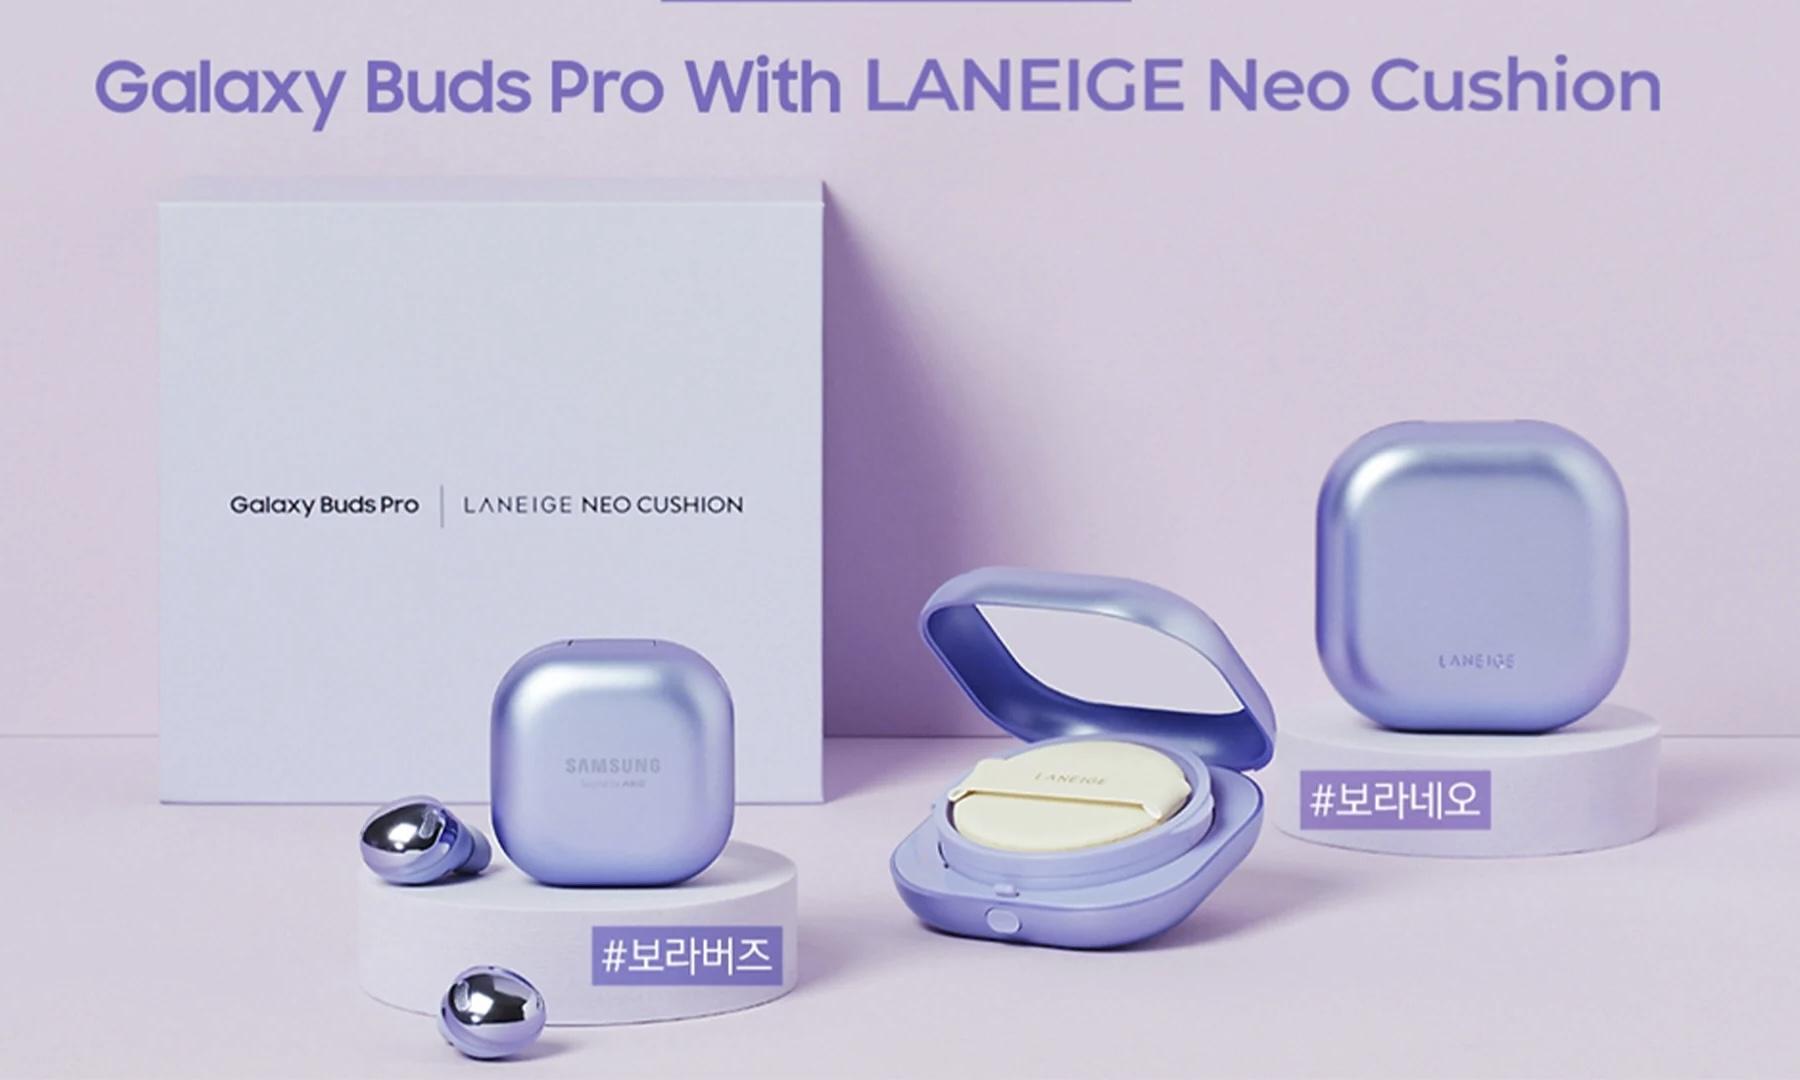 三星与兰芝联合推出 Galaxy Buds Pro LANEIGE Neo Cushion 套盒